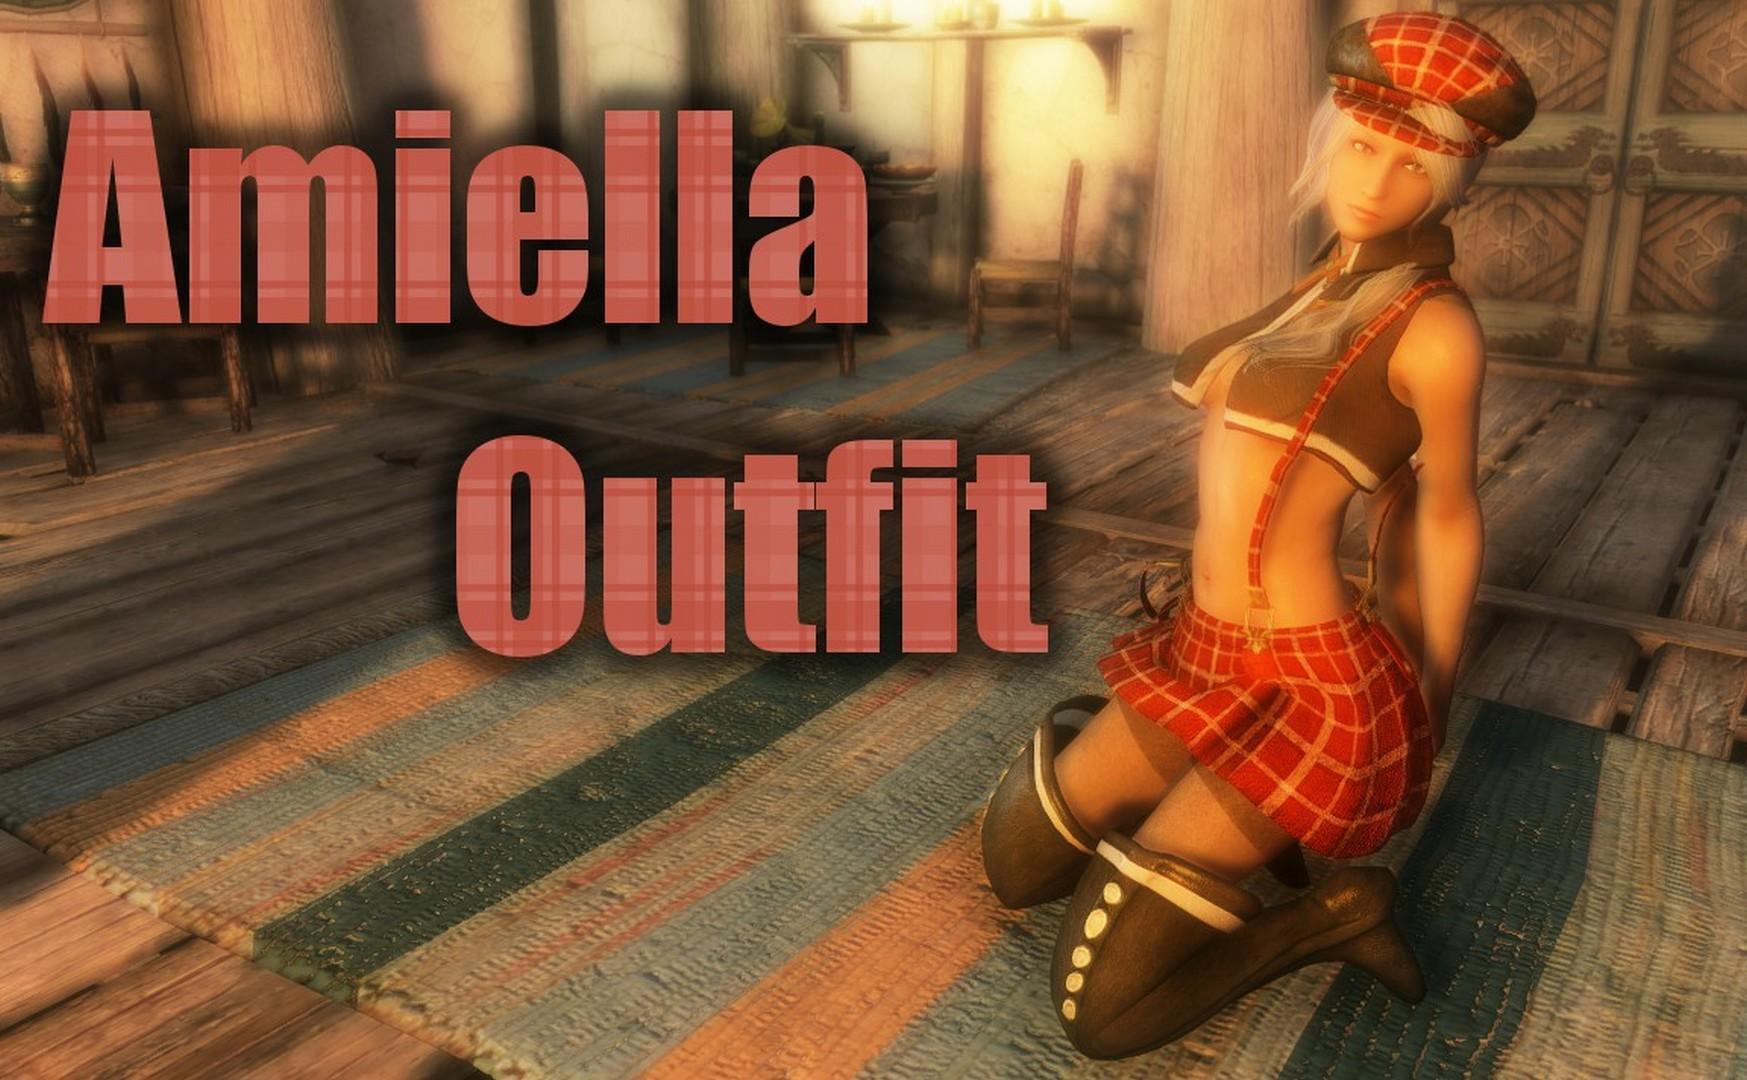 Amiella_Outfit.jpg